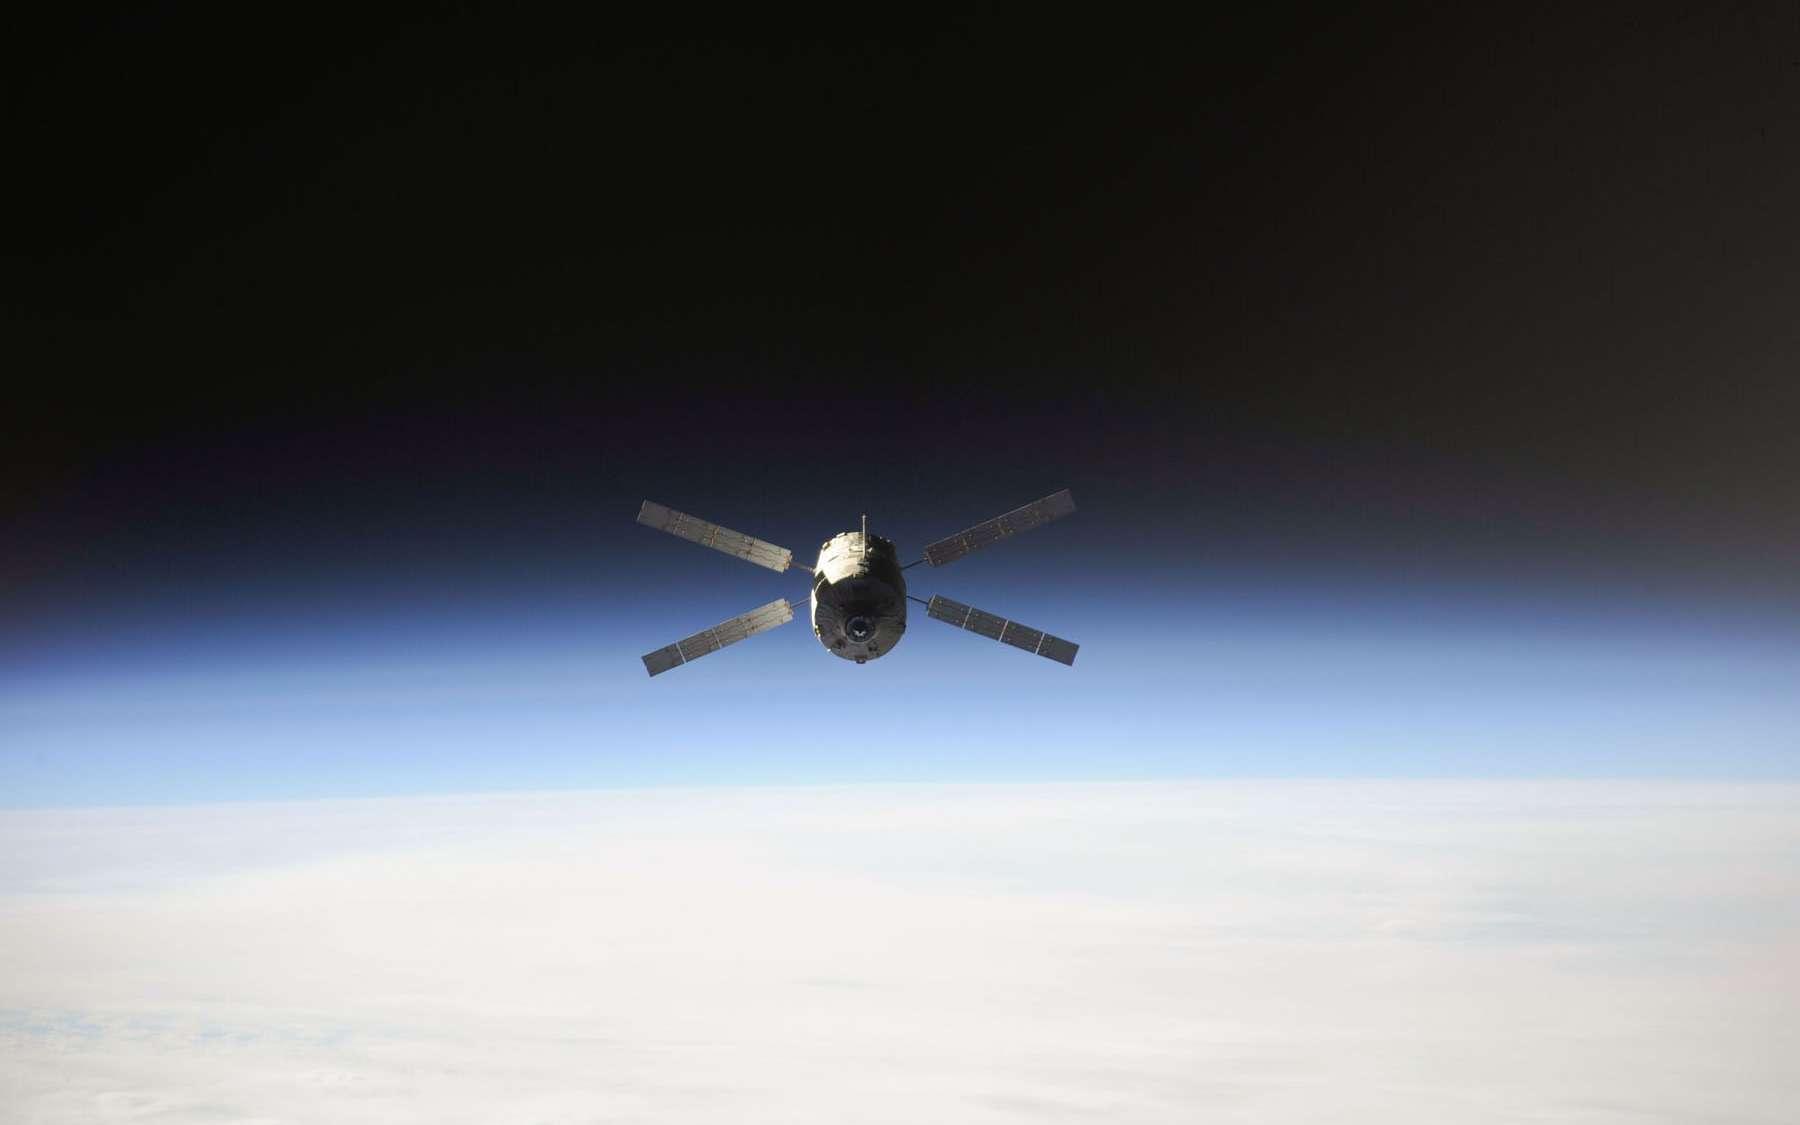 L'ATV-4 Albert Einstein lors de sa rentrée destructive en octobre 2013. Il est ici vu depuis la Station spatiale internationale quelques minutes après son désamarrage du complexe orbital. © Nasa